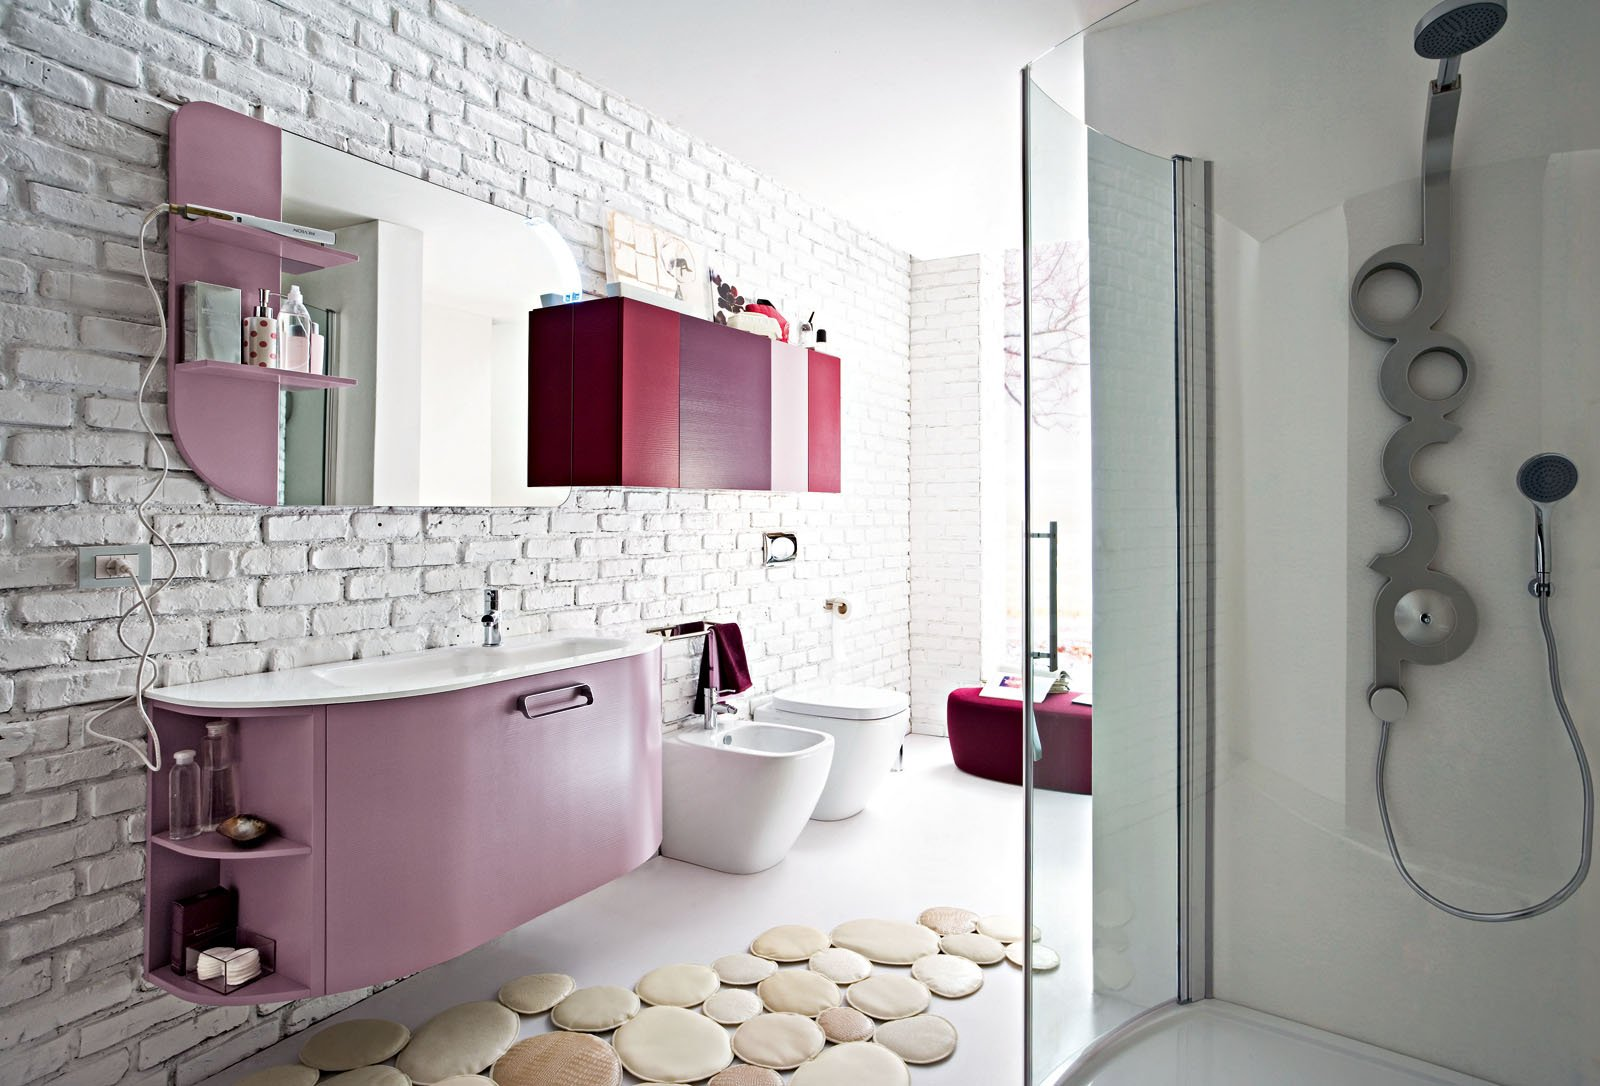 100+ [ mobili bagno stretti ] | idee di arredo originali e di ... - Immagini Di Bagni Moderni Piccoli